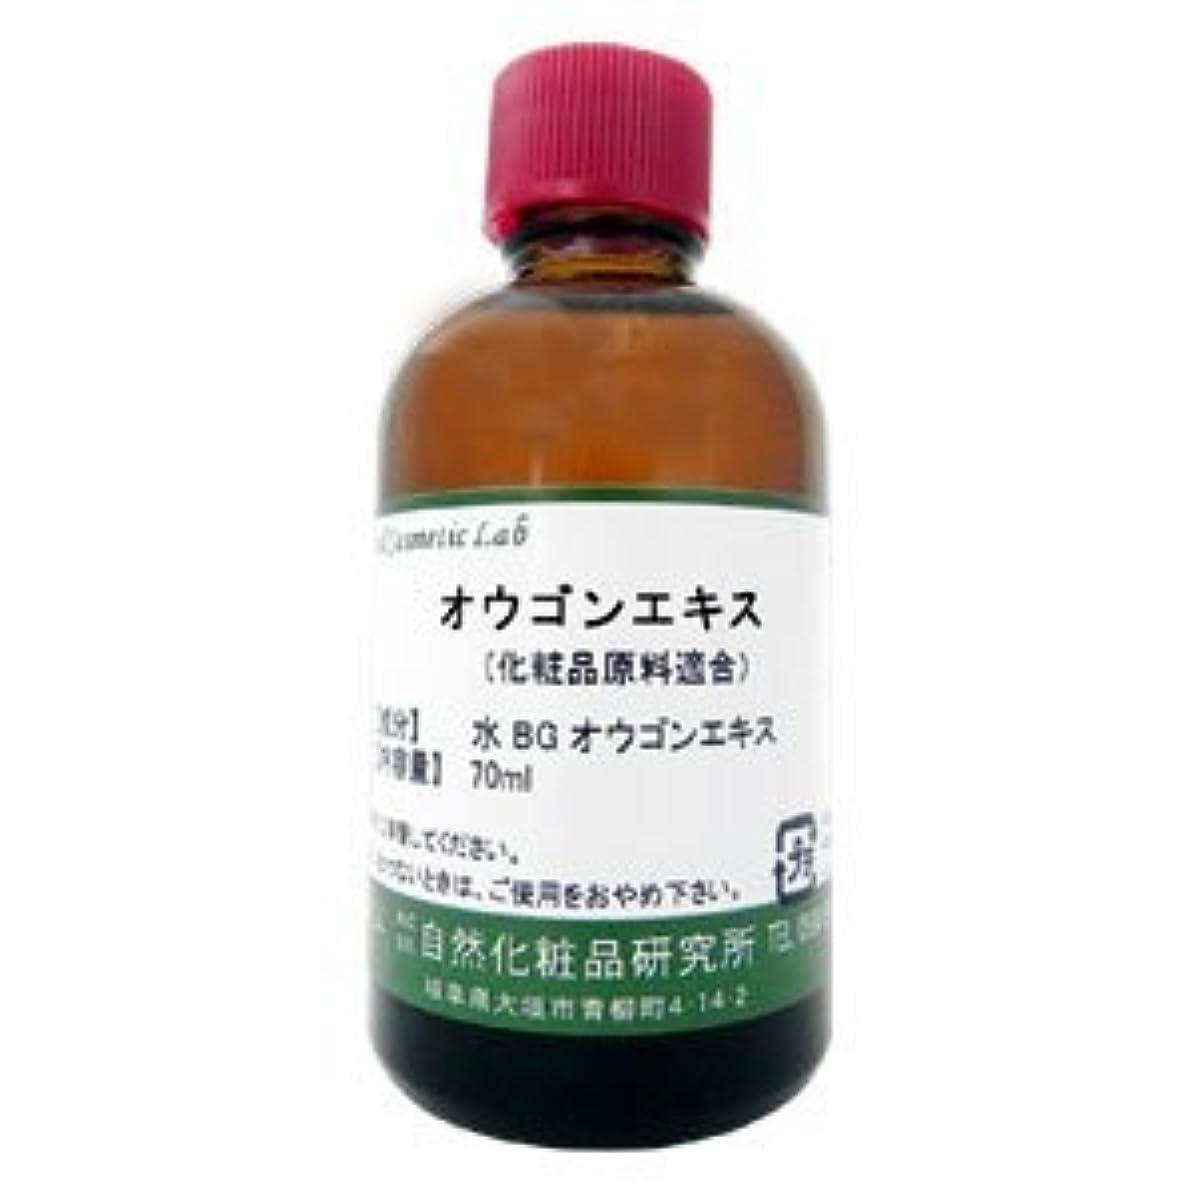 分類する欲望連合オウゴンエキス 70ml 【手作り化粧品原料】